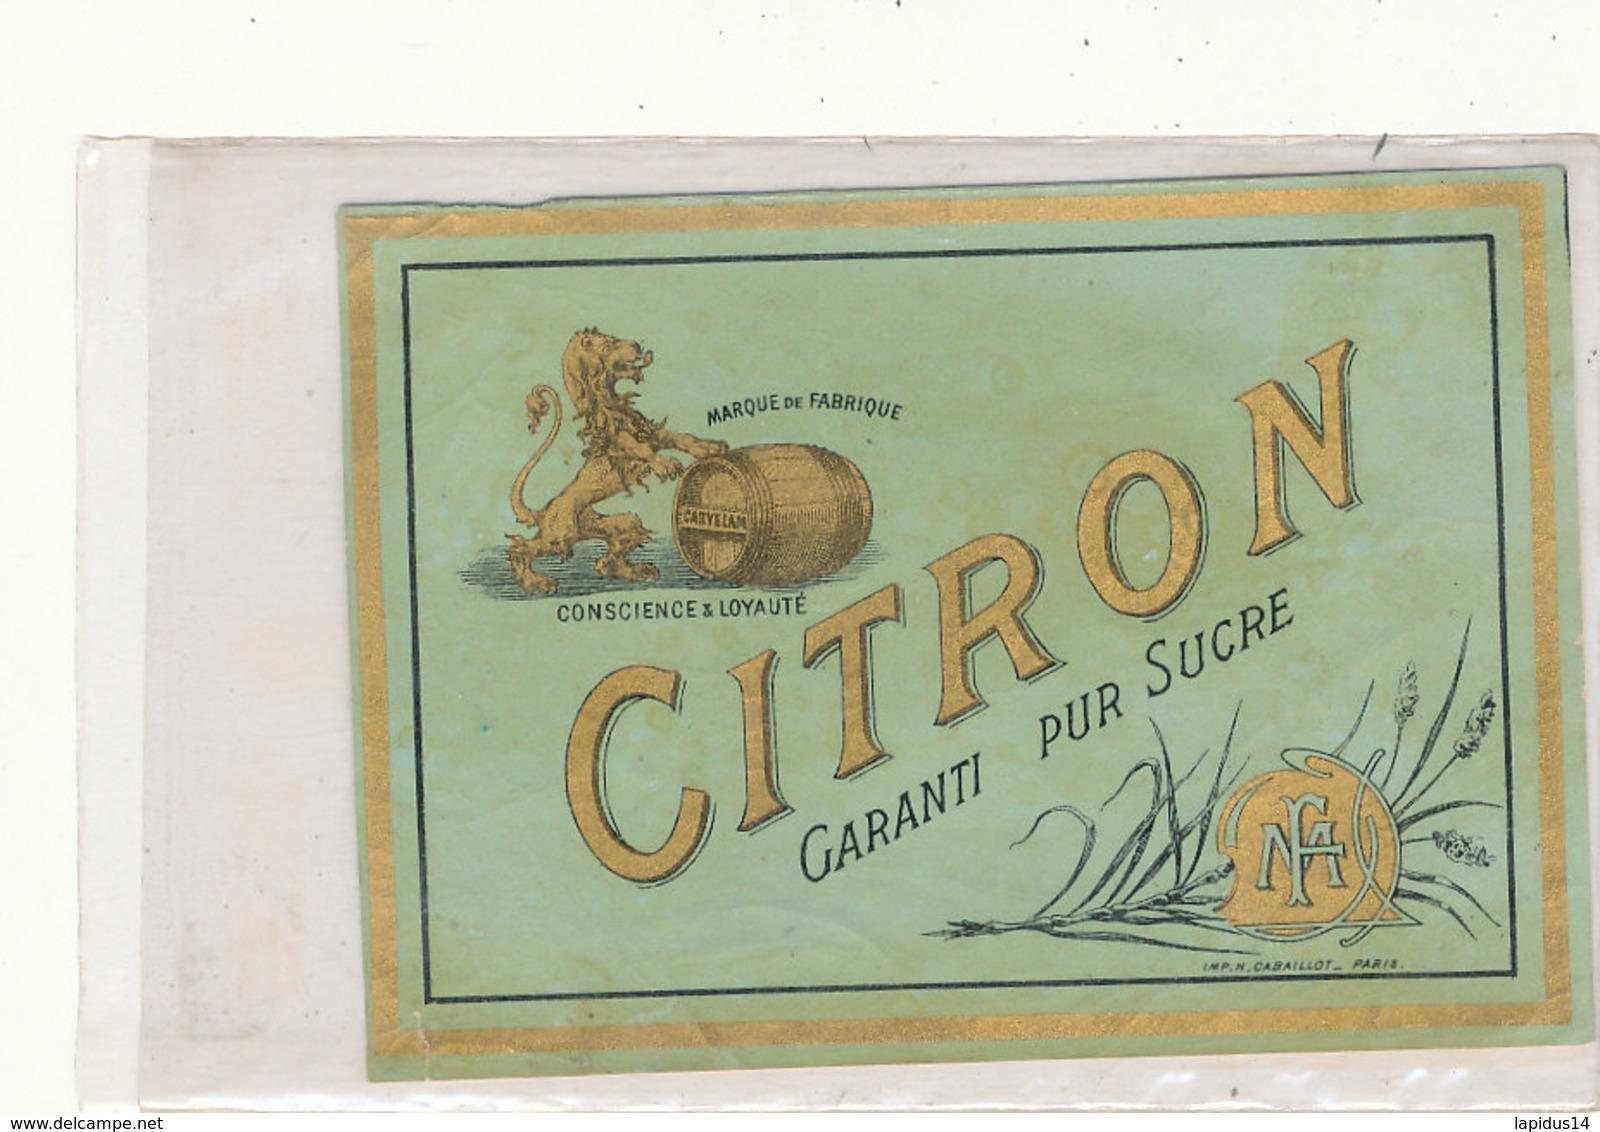 AN 586 / ETIQUETTE   CITRON GARANTI  PUR . SUCRE M F - Labels